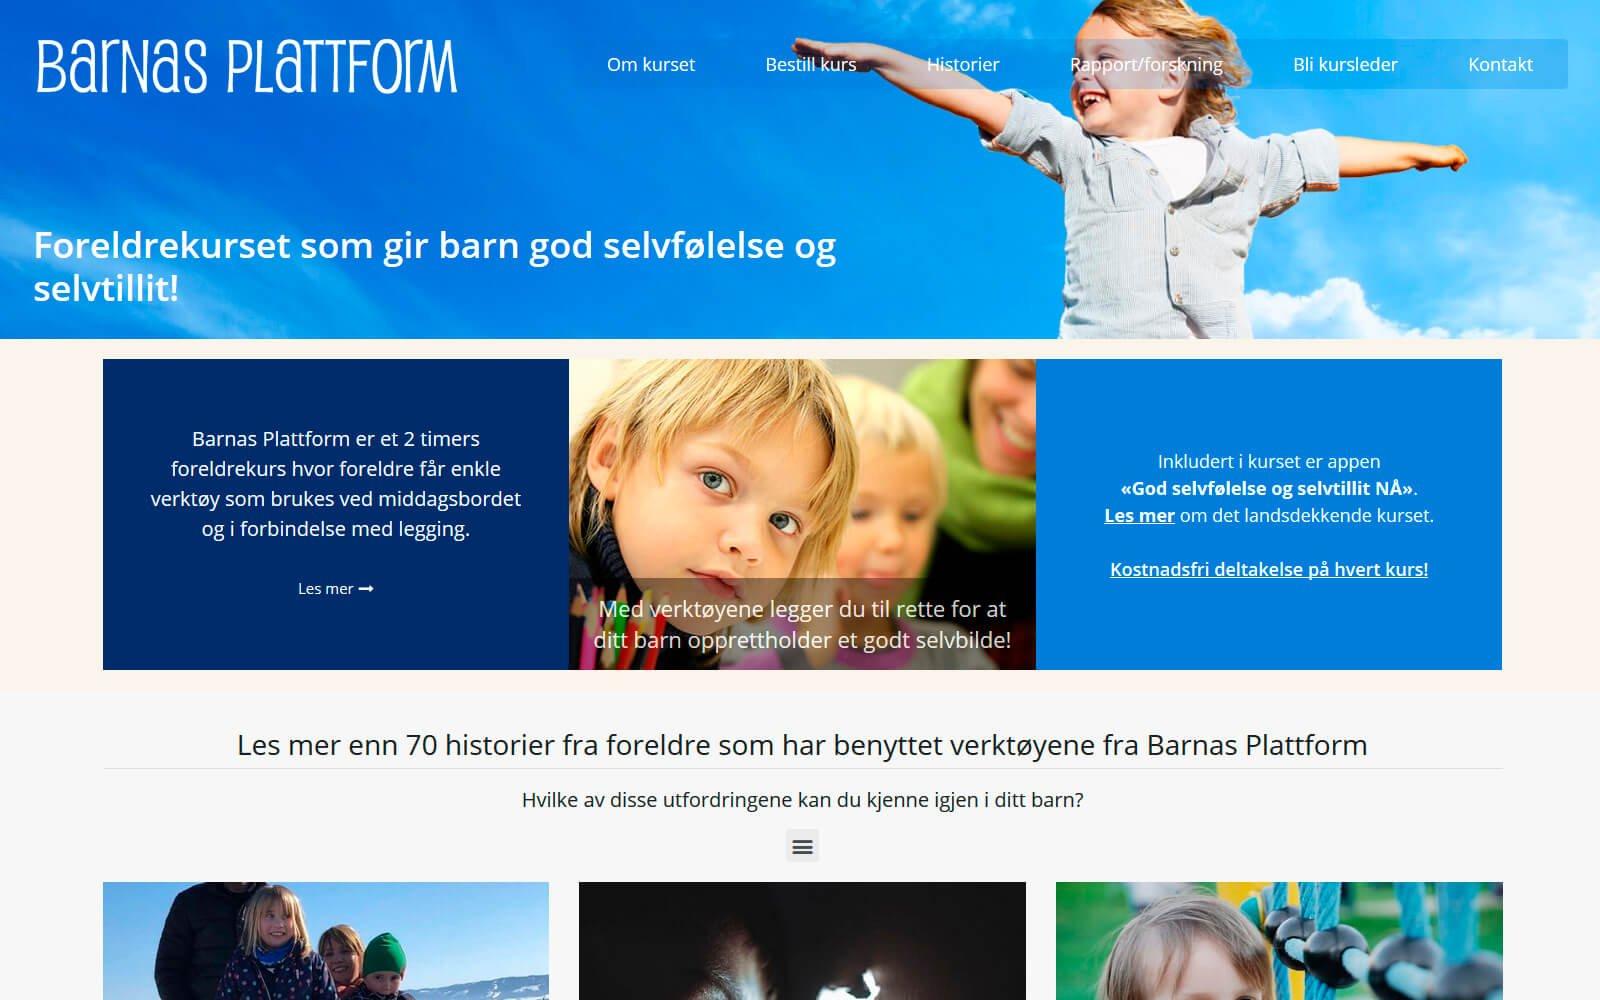 Barnas Plattform webside